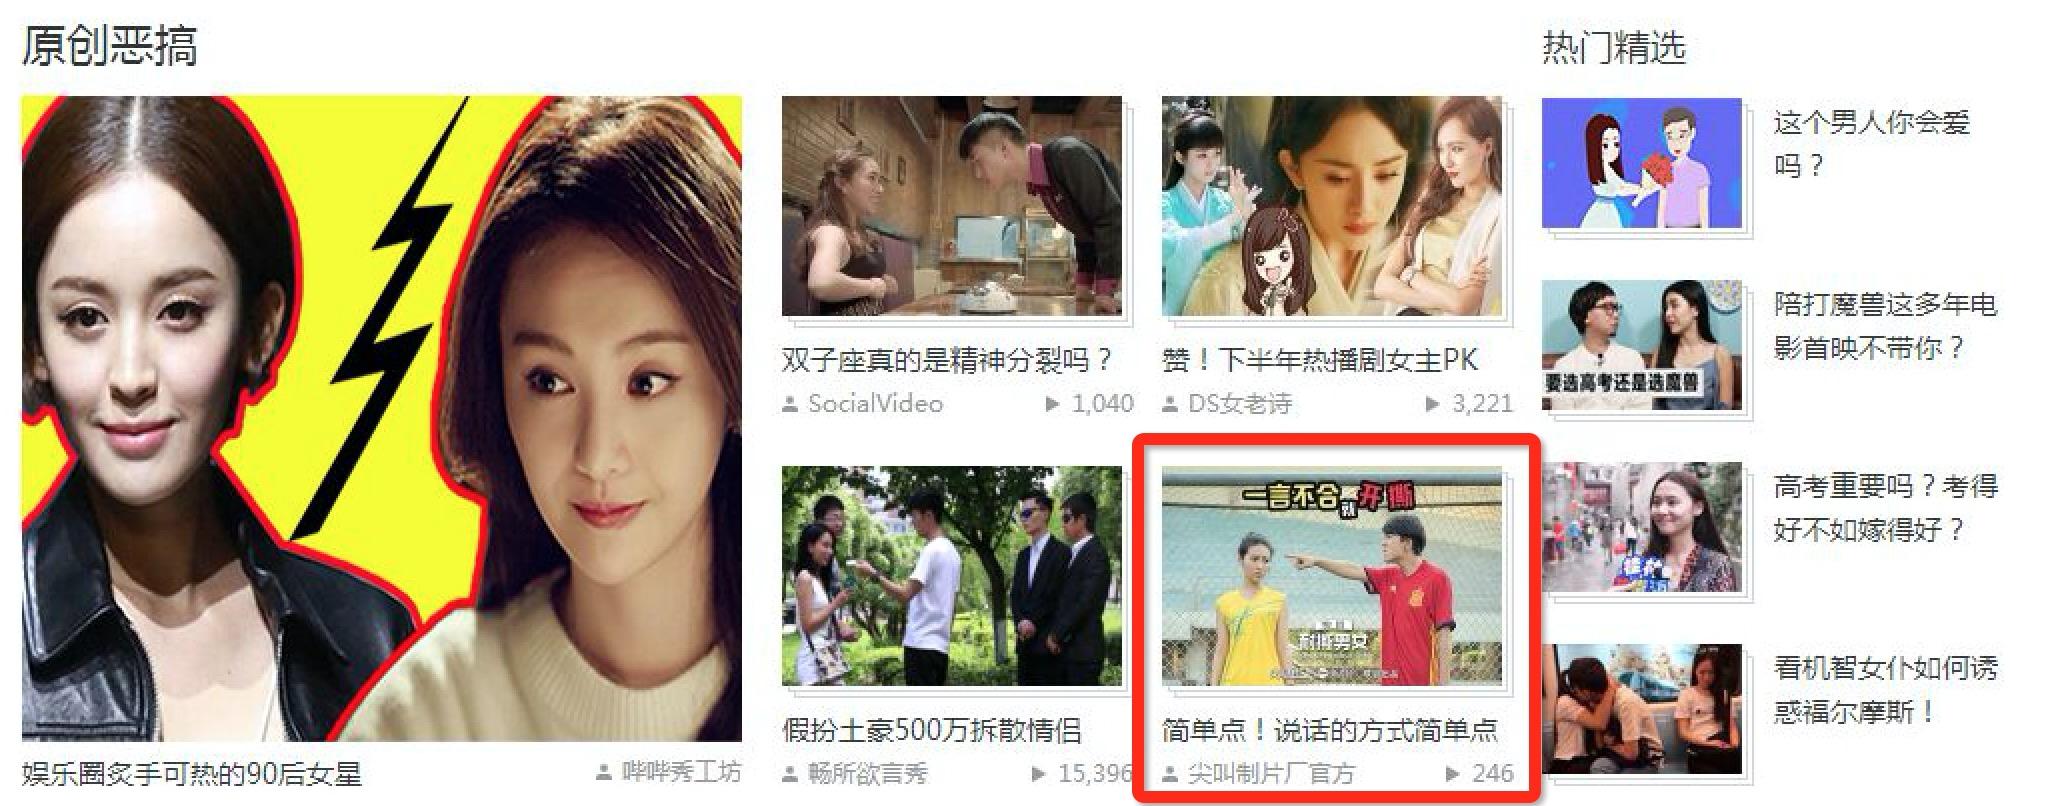 搜狐搞笑频道原创恶搞